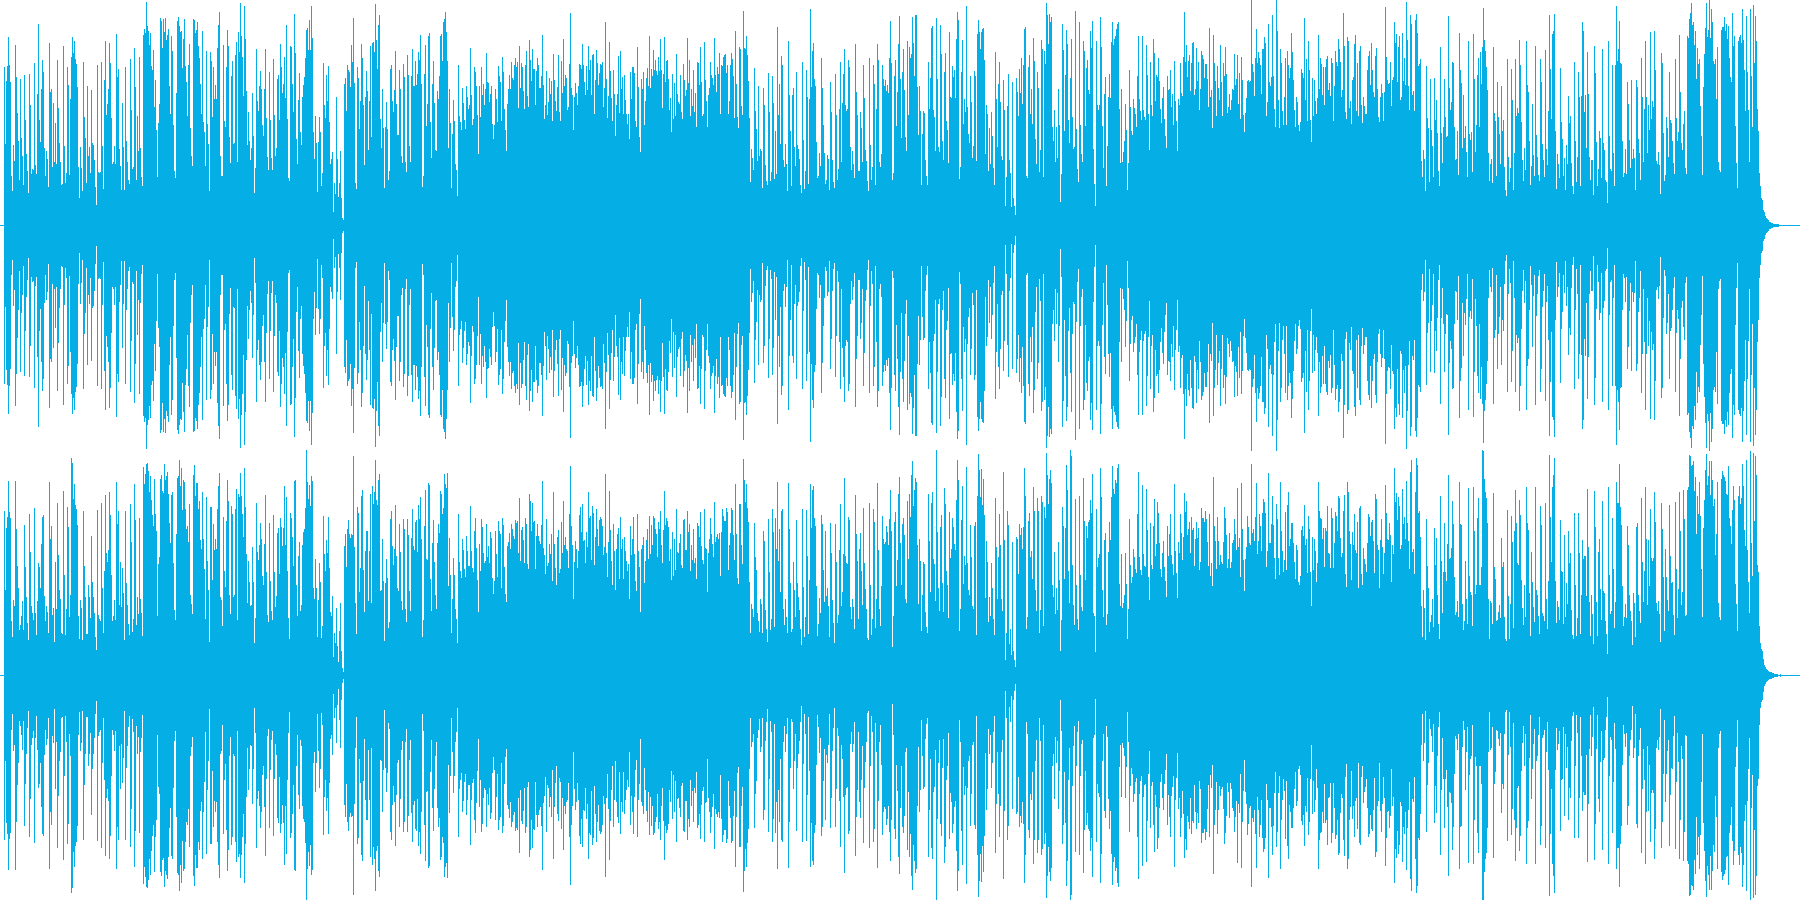 軽快なリズムが特徴のシティポップスの再生済みの波形